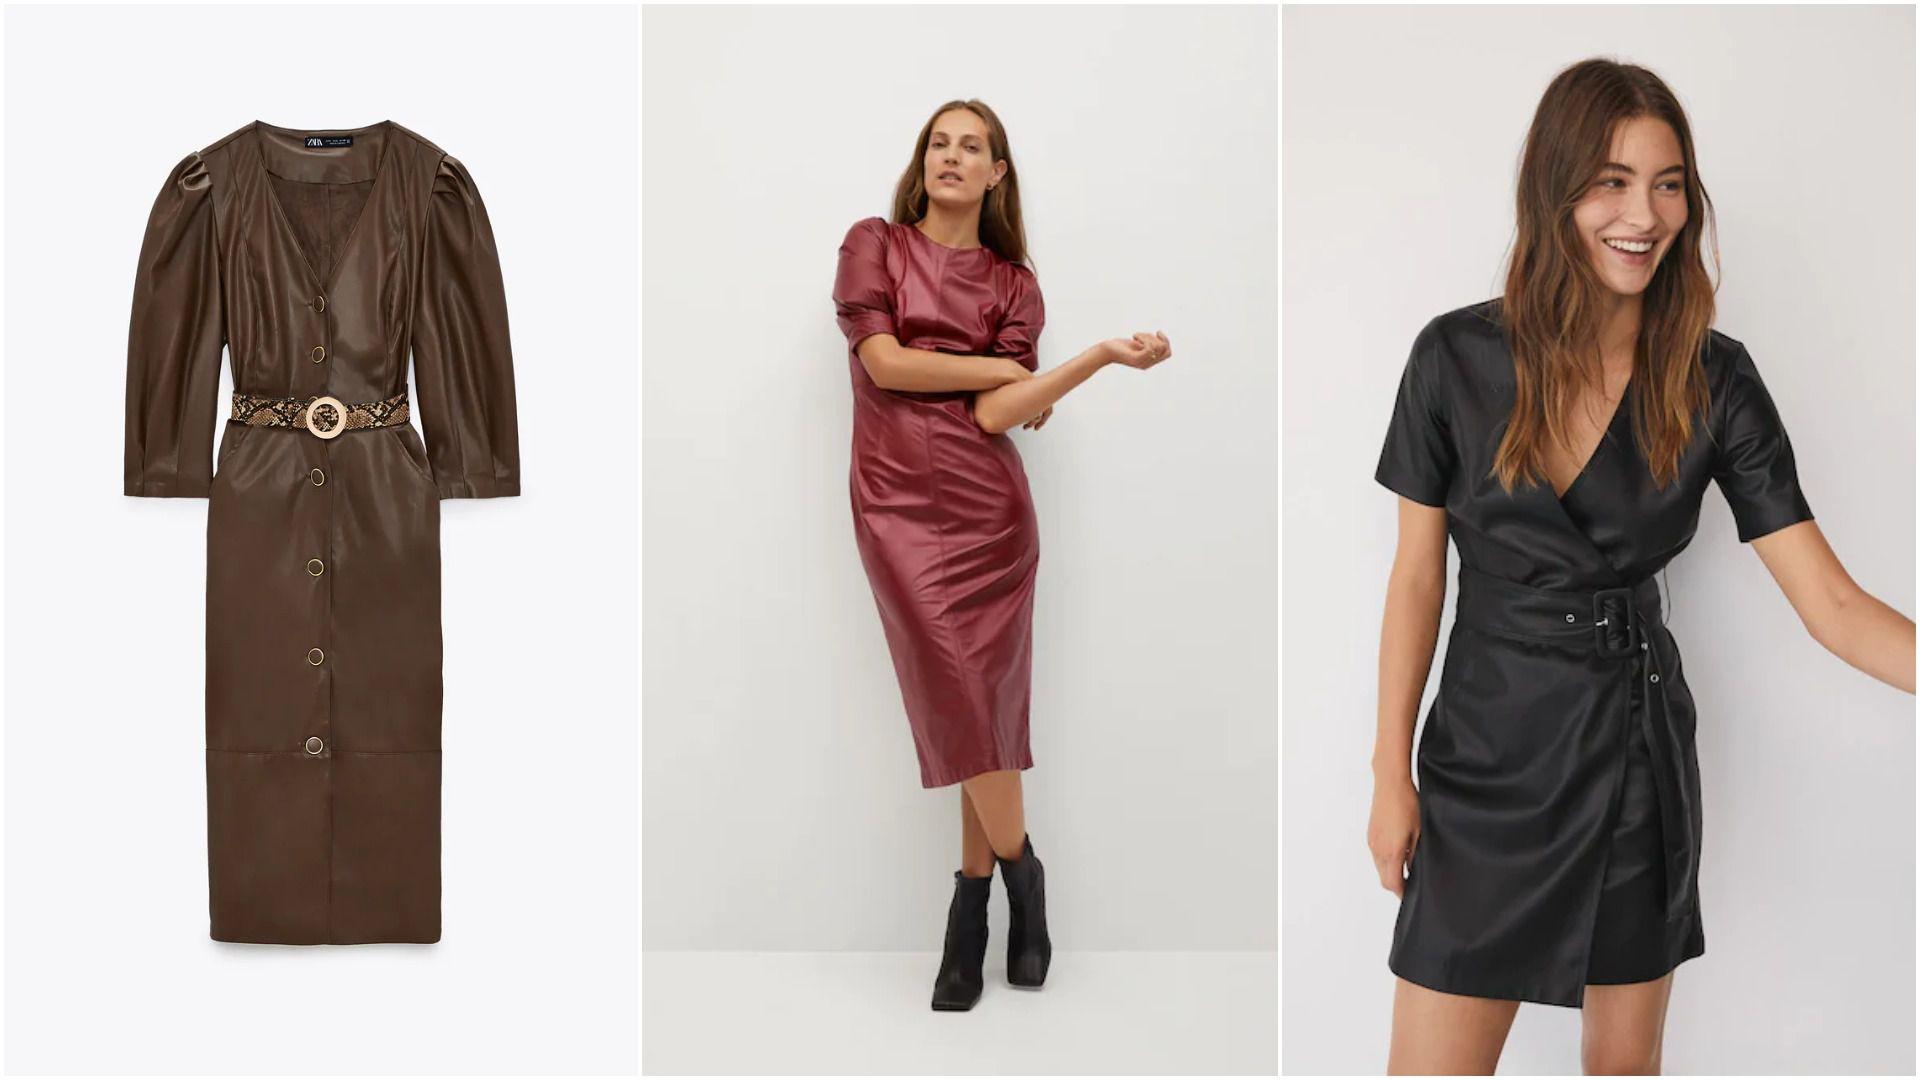 Ponuda haljina od umjetne kože nikad nije bila raznovrsnija: Izdvojili smo modele za svaki stil od 199 kn